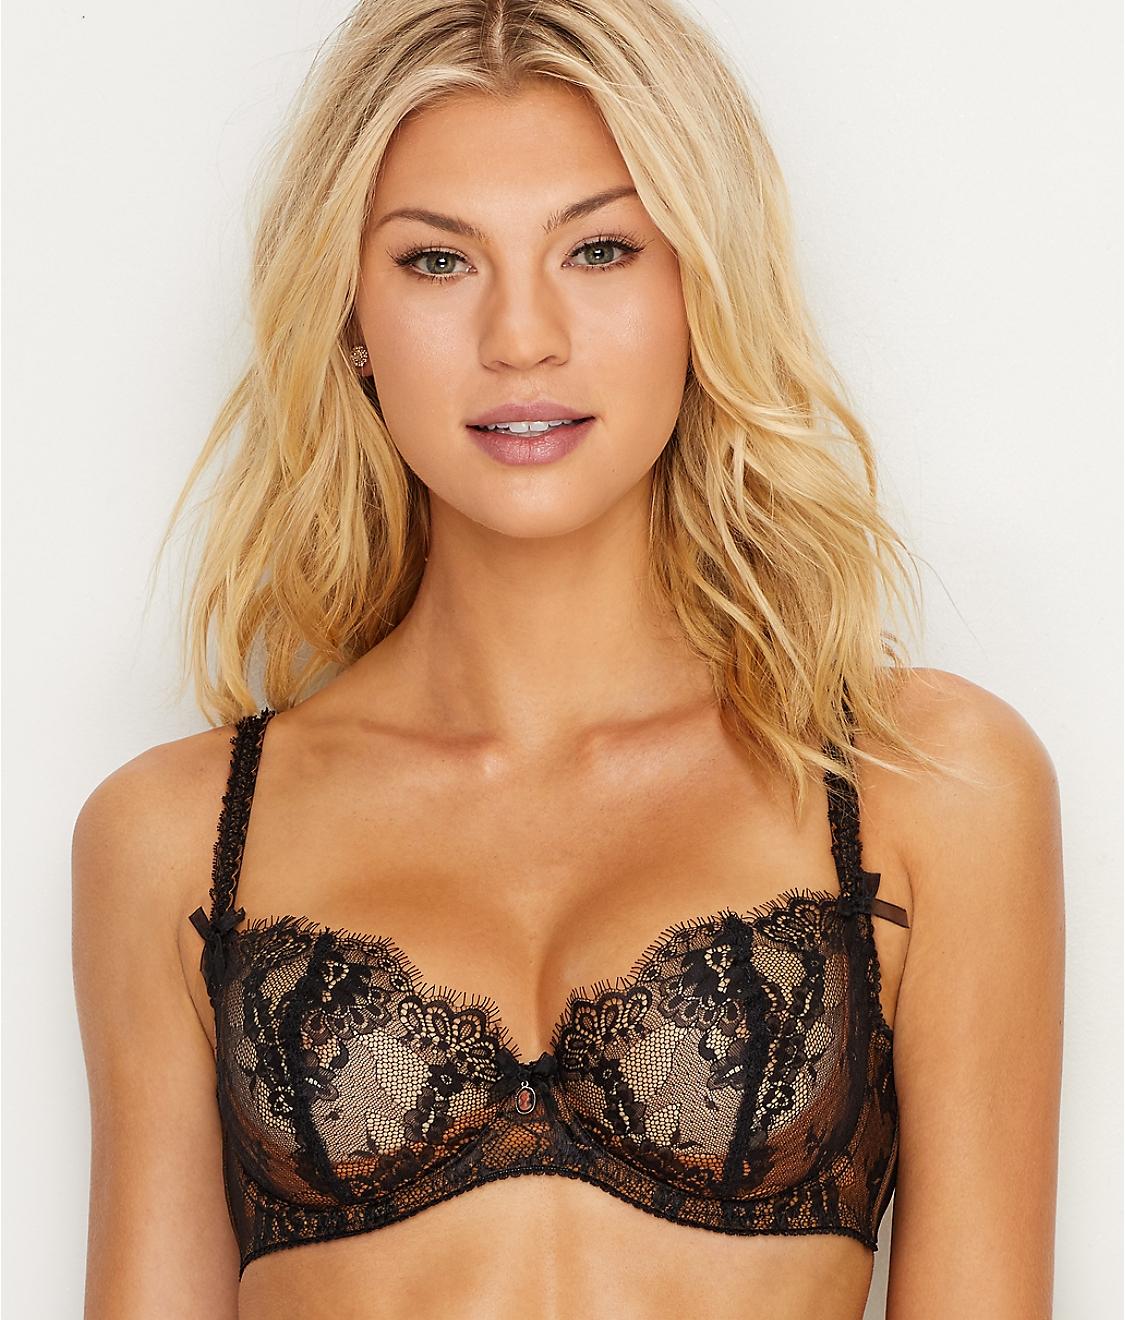 quality bra